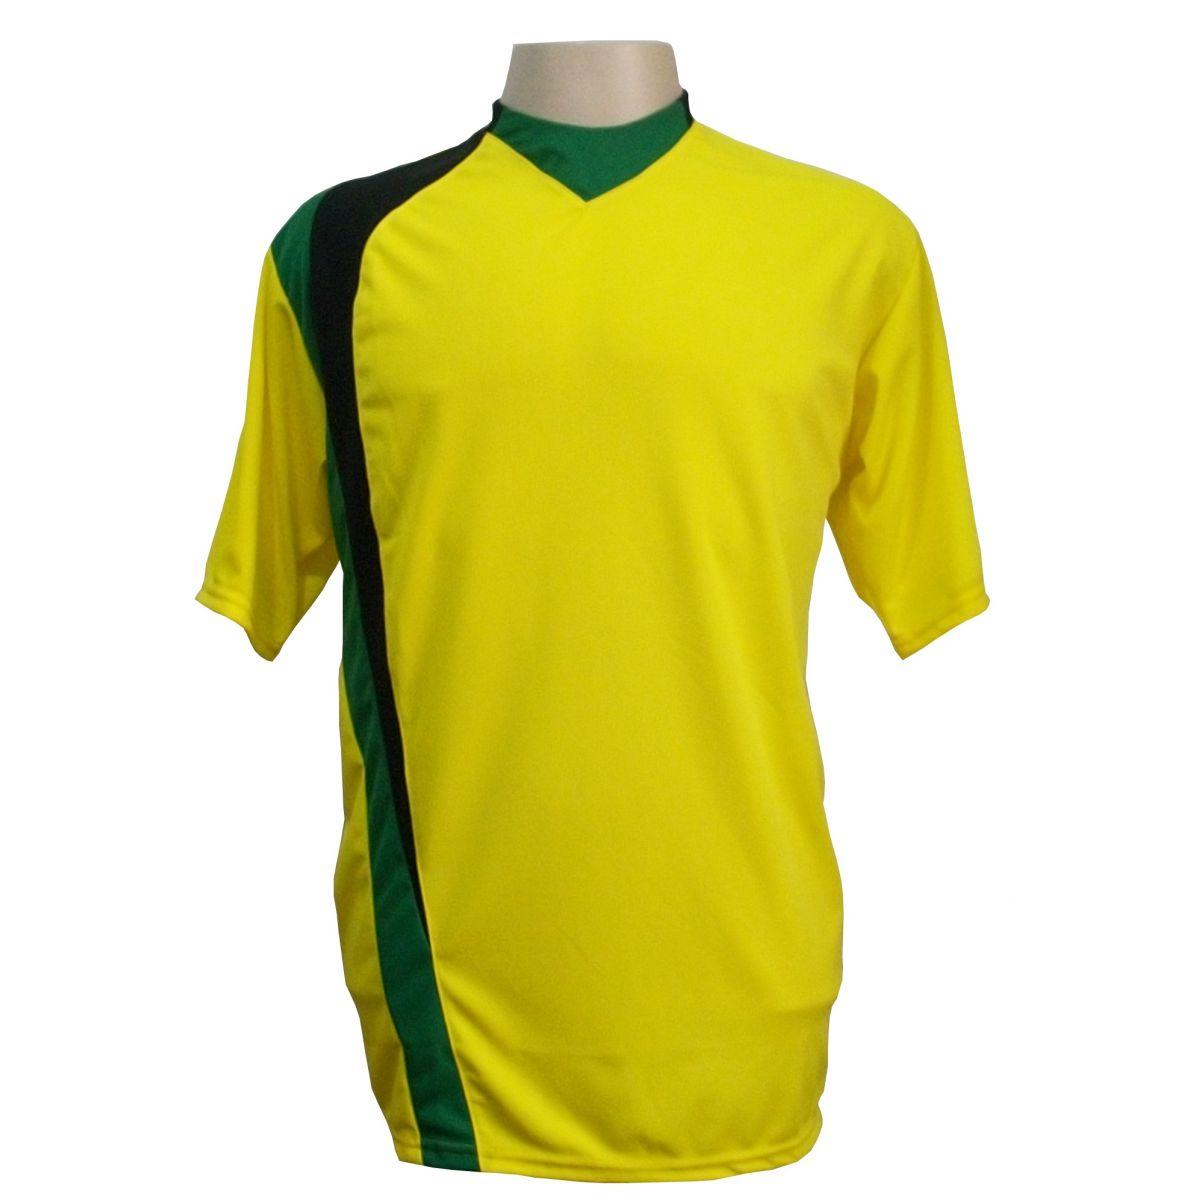 Uniforme Esportivo com 14 camisas modelo PSG Amarelo/Preto/Verde + 14 calções modelo Madrid Preto + Brindes